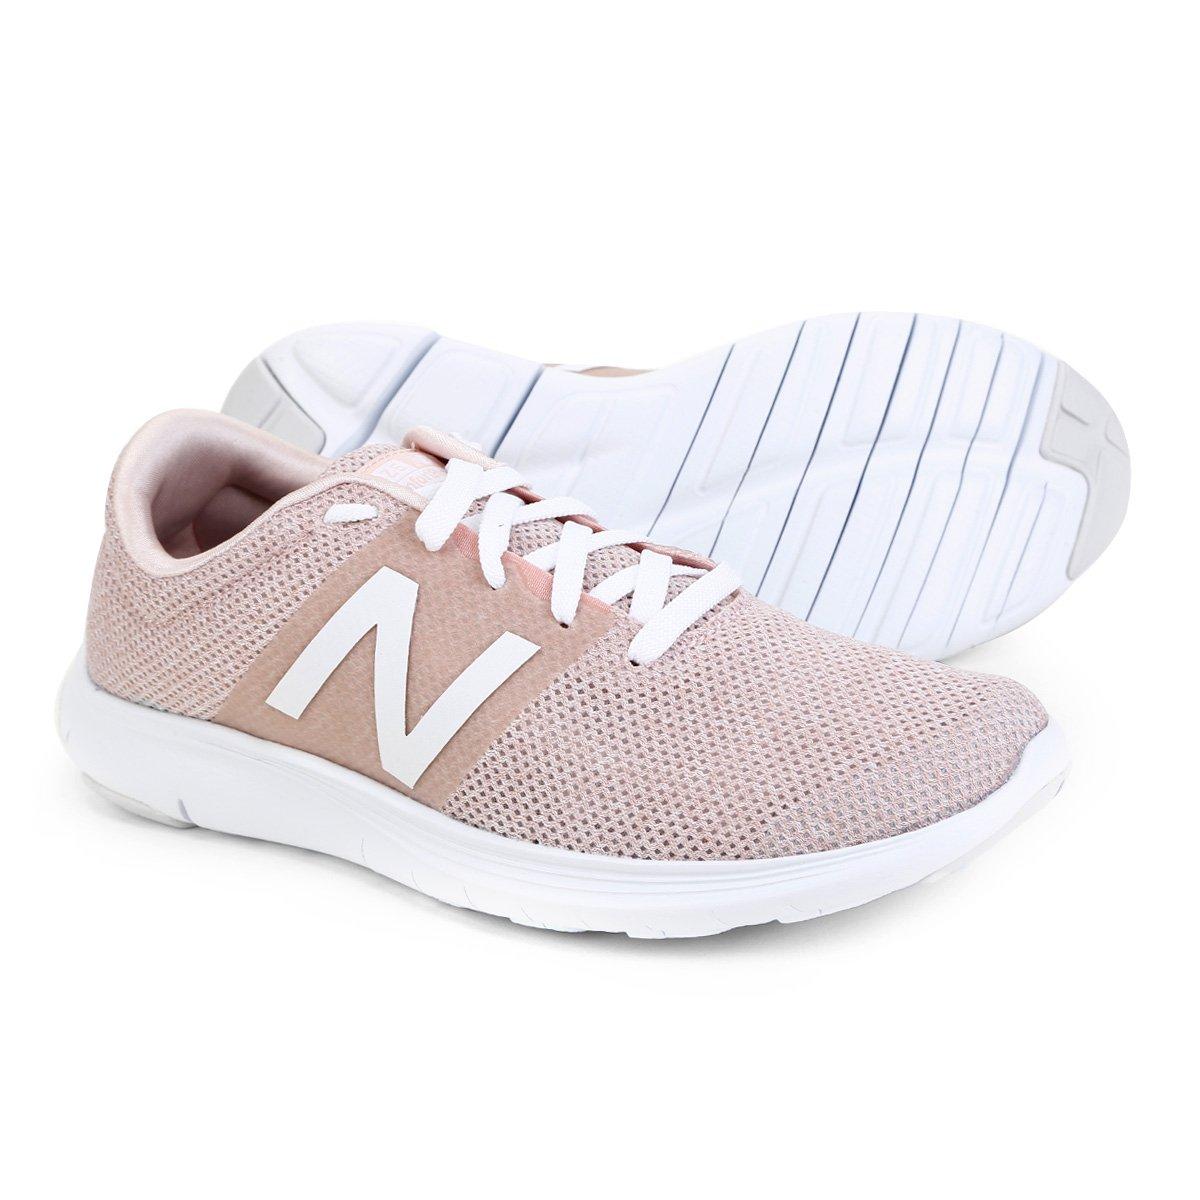 best sneakers e1ca5 ebcf1 Tênis New Balance Koze Feminino - Rosa e Branco